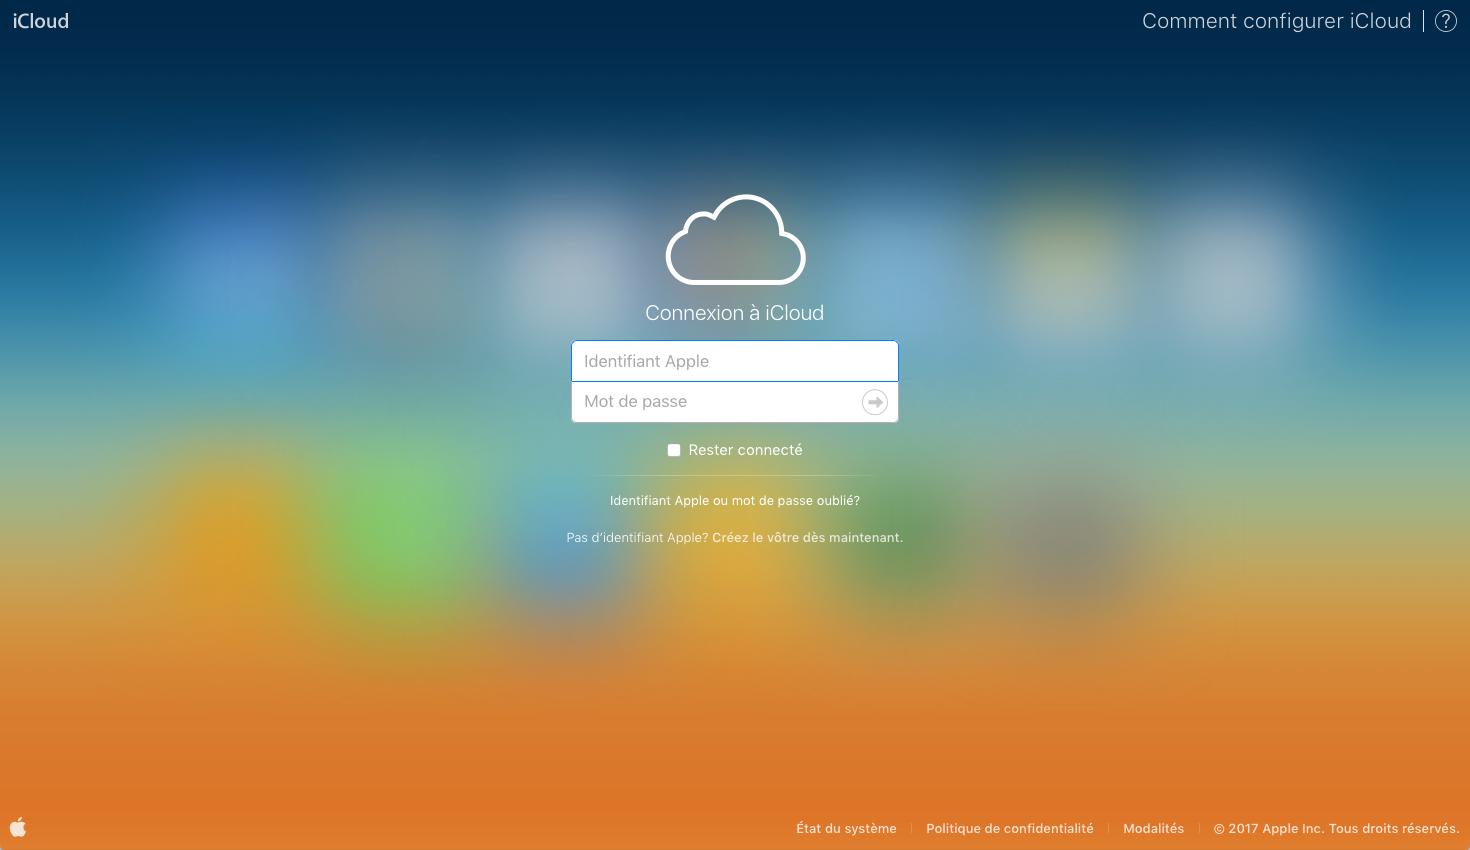 Supprimer les contacts iCloud en facilité – étape 1